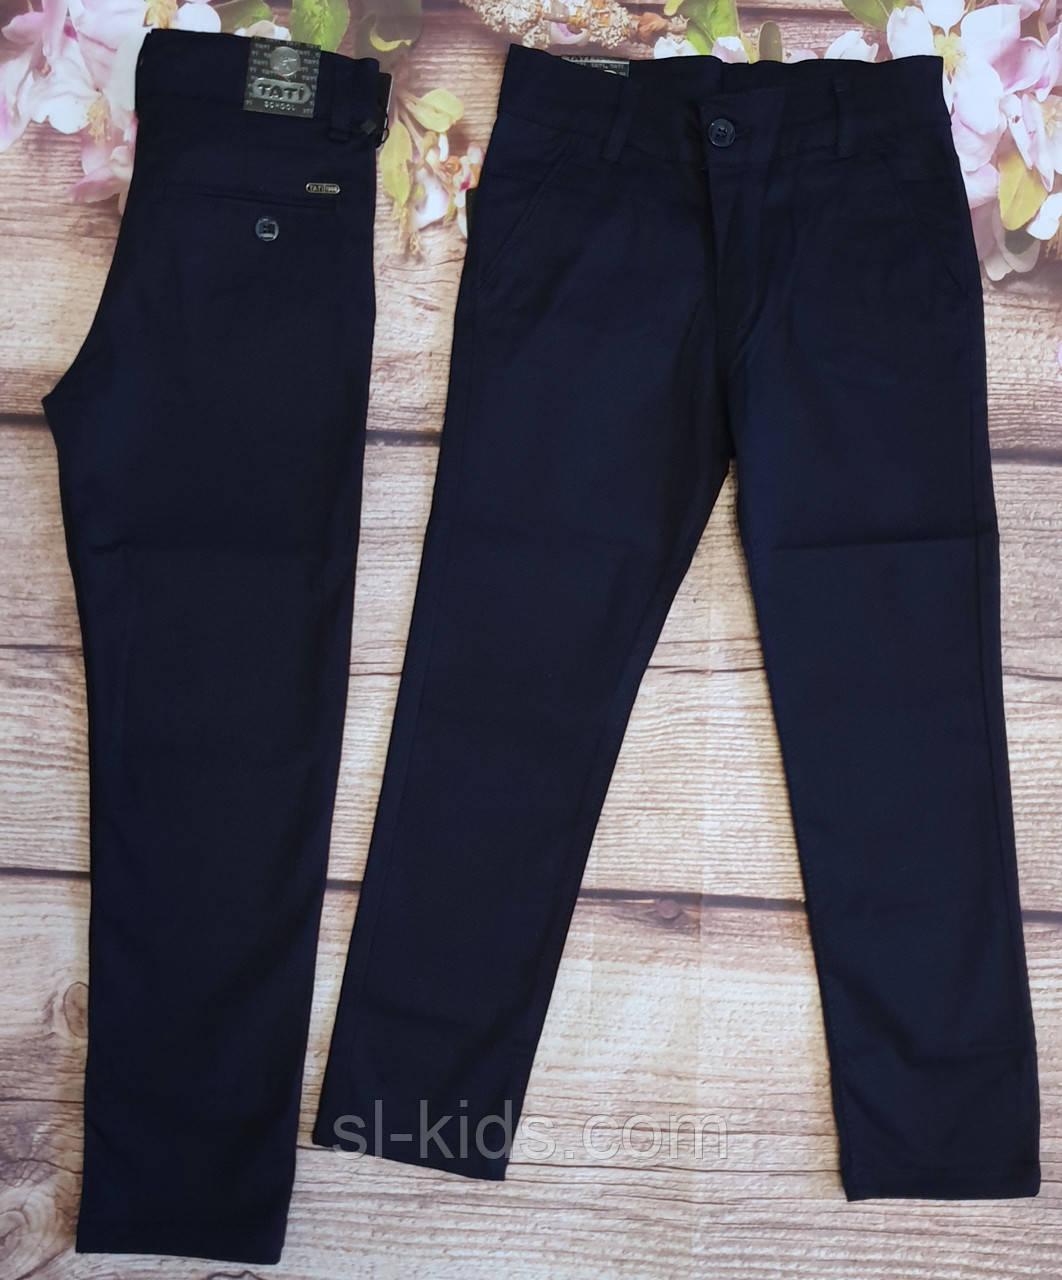 Школьные коттоновые штаны TATI для мальчика 10-13 лет(темно синие) опт пр.Турция